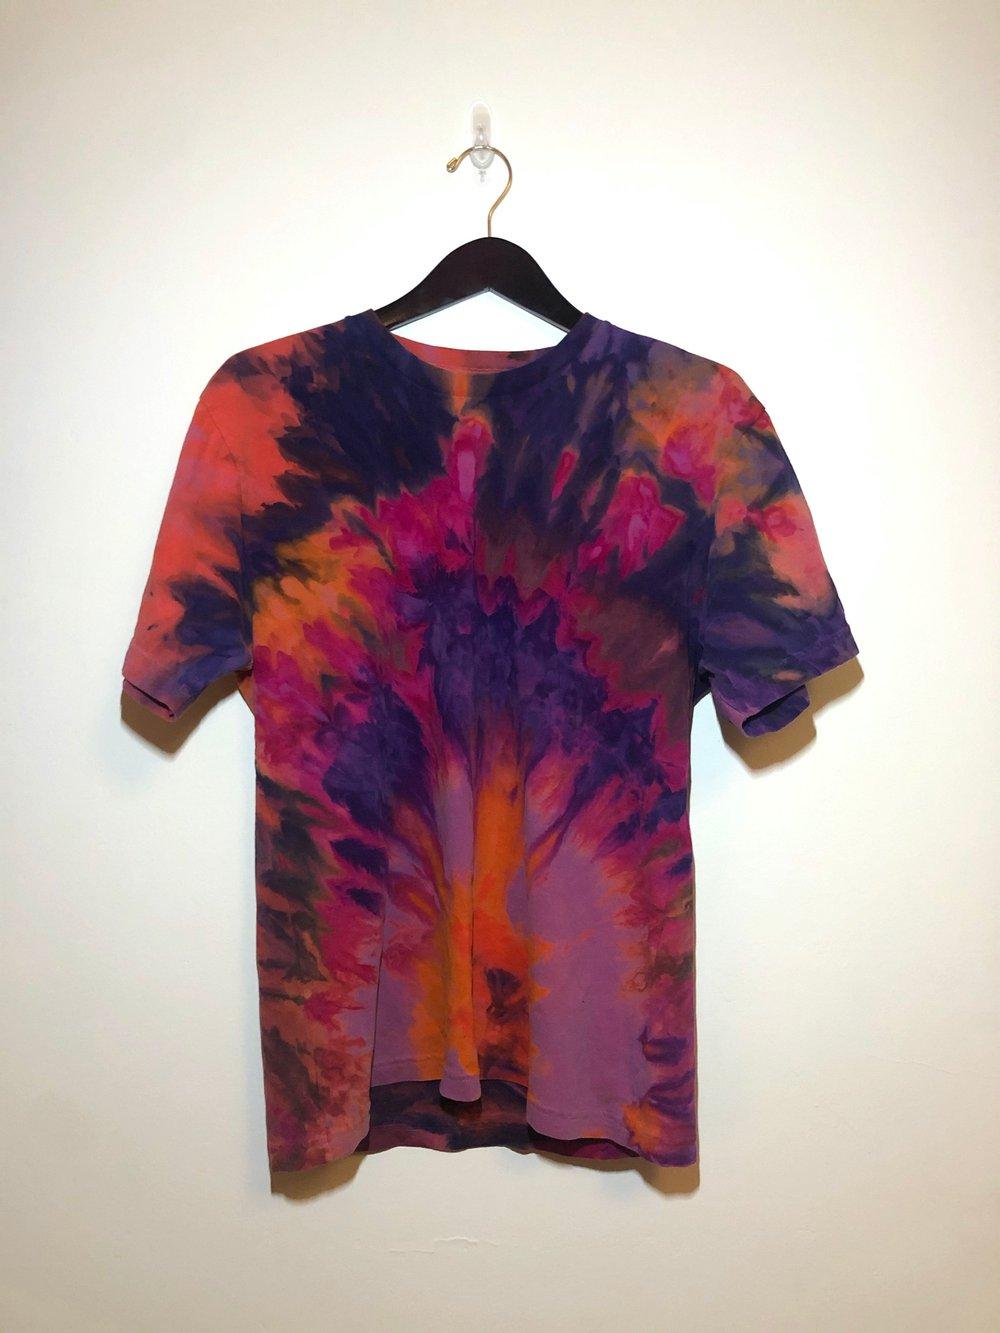 Shirt #4 - Small